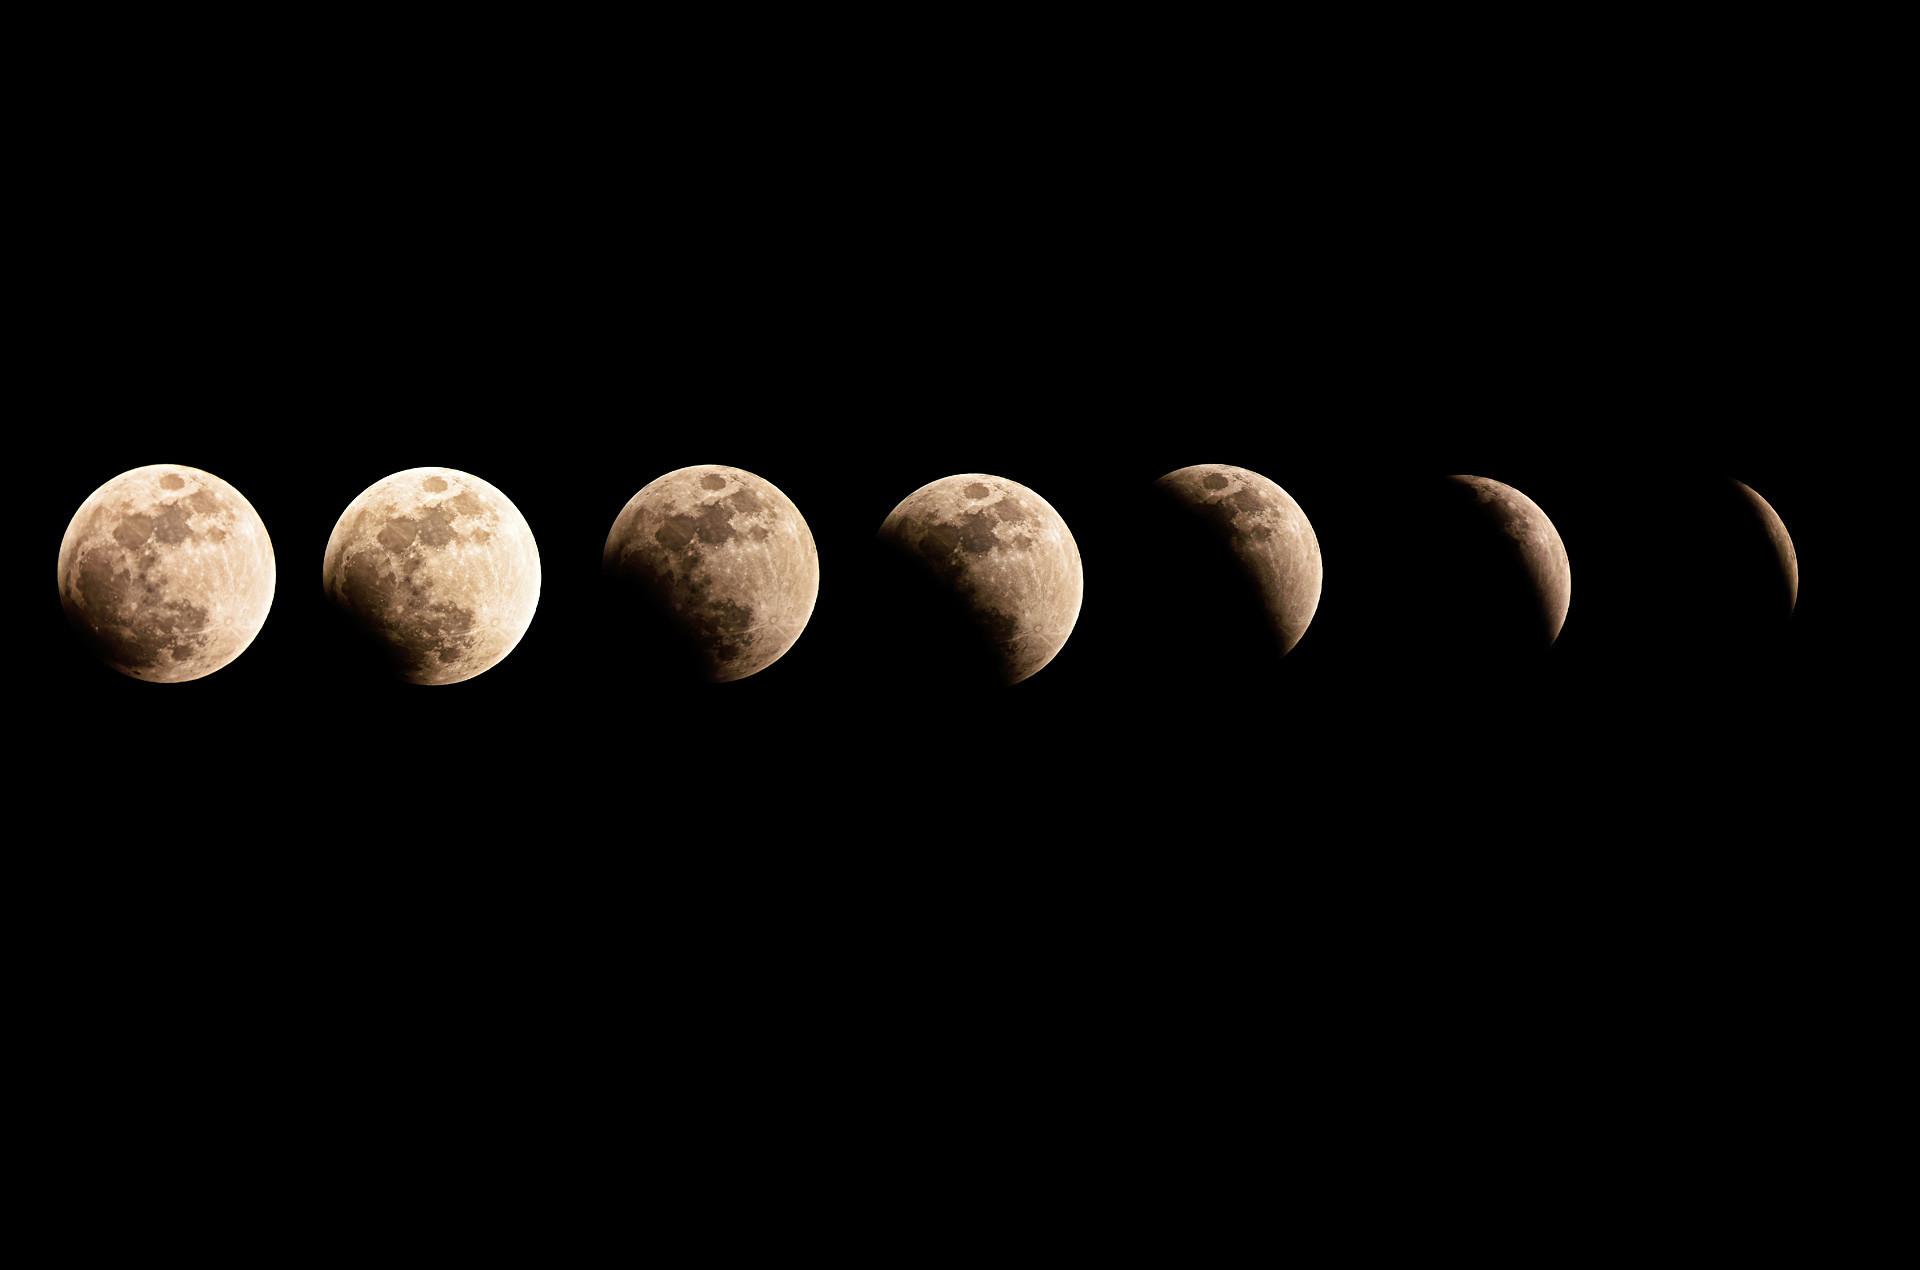 Фазе потпуног помрачења месеца за време крвавог месеца и супермесеца.